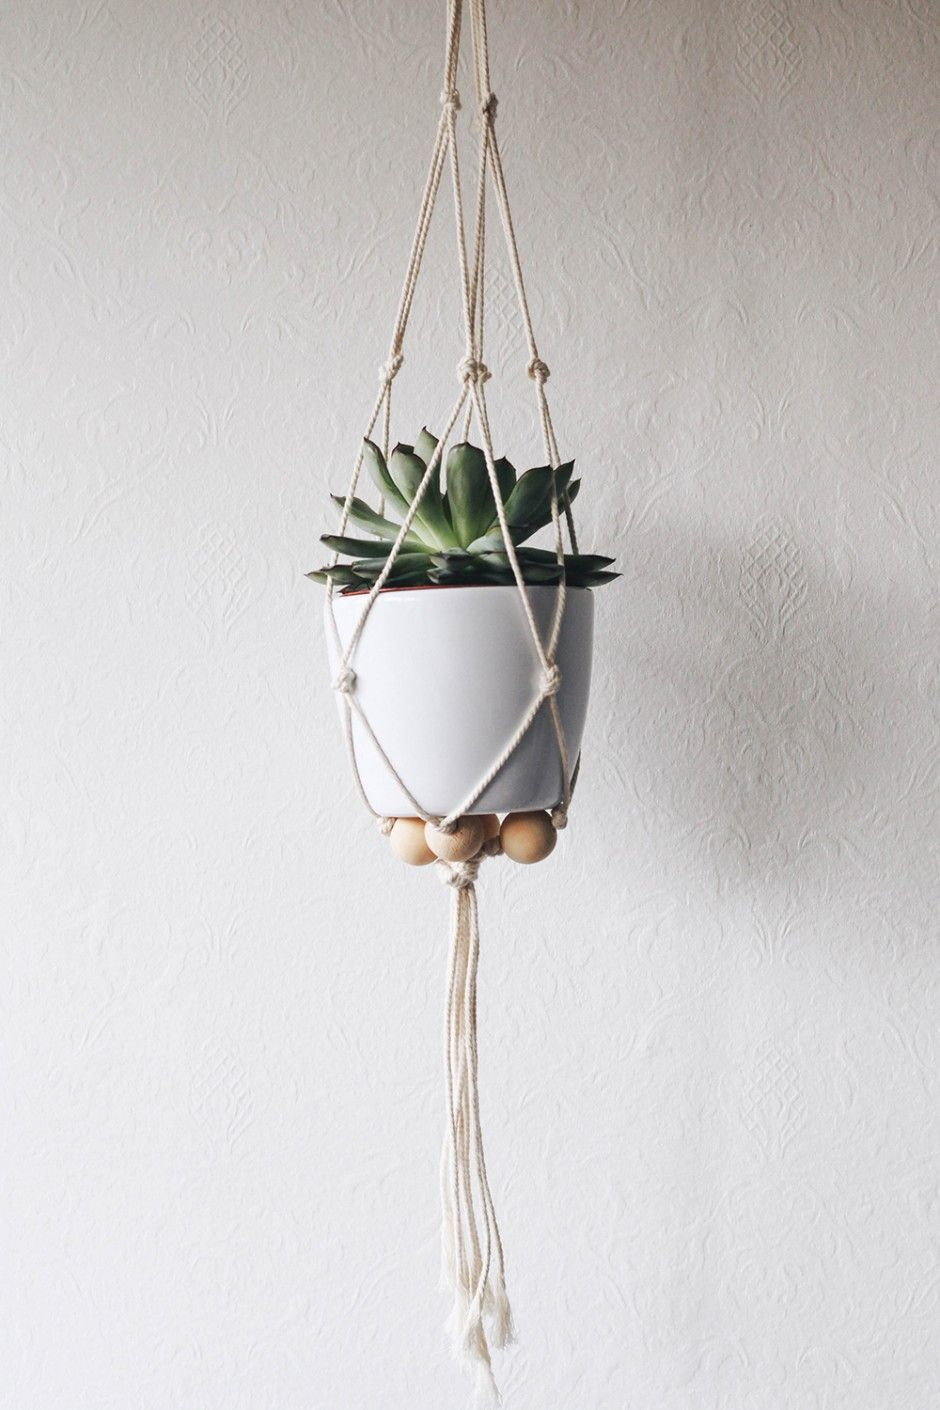 suspension macrame pour plante